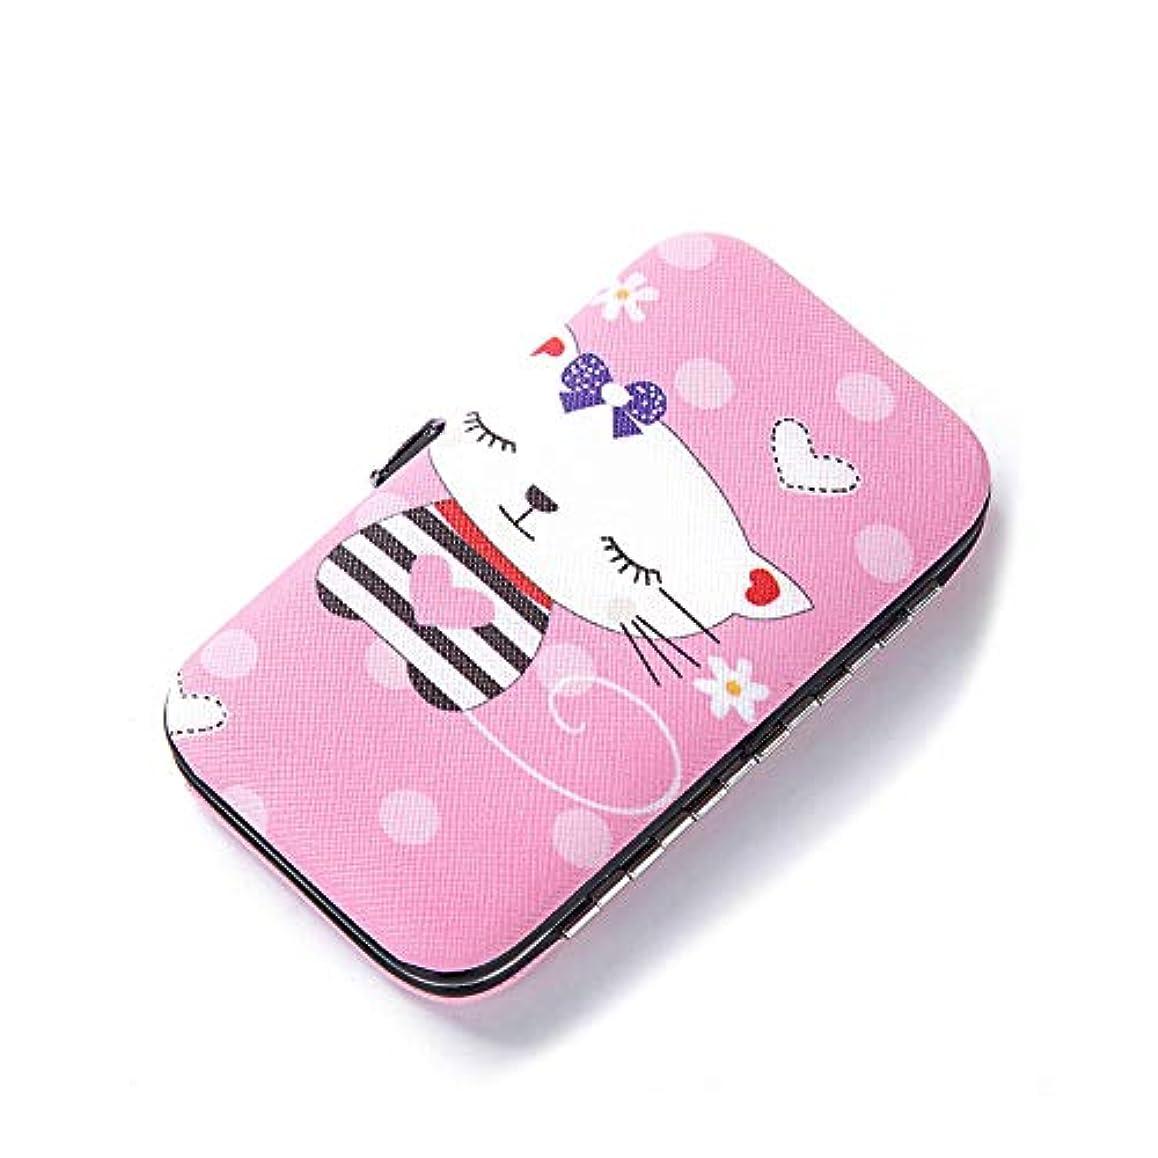 しみ夕食を作る受取人Snner ビューティセット 爪切り 爪磨き 毛抜き ハサミ 耳かき 携帯 持ち運び 旅行 キャラクター (Pink cat)